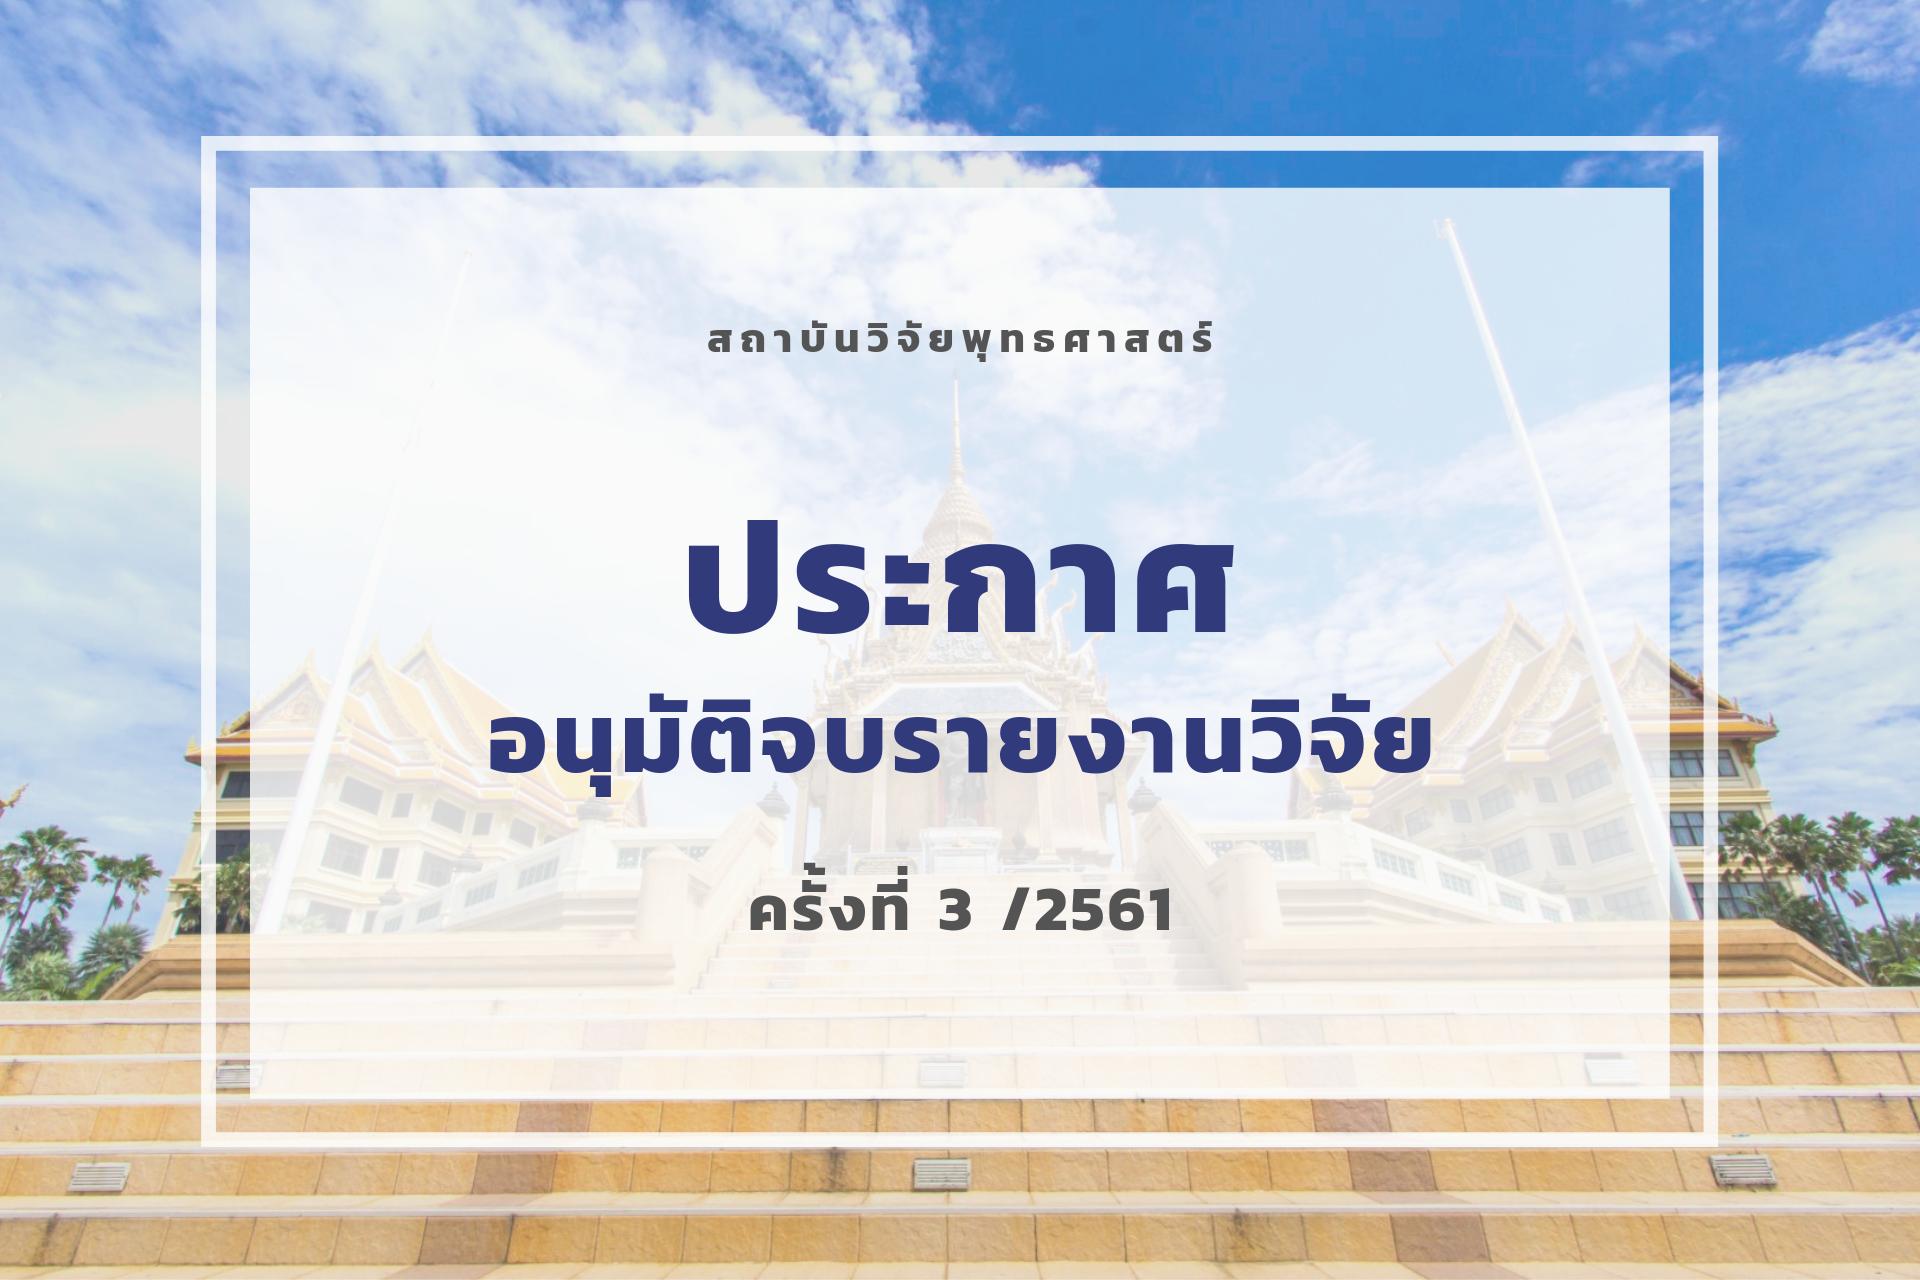 ประกาศอนุมัติจบรายงานวิจัย ครั้งที่ 3/2561